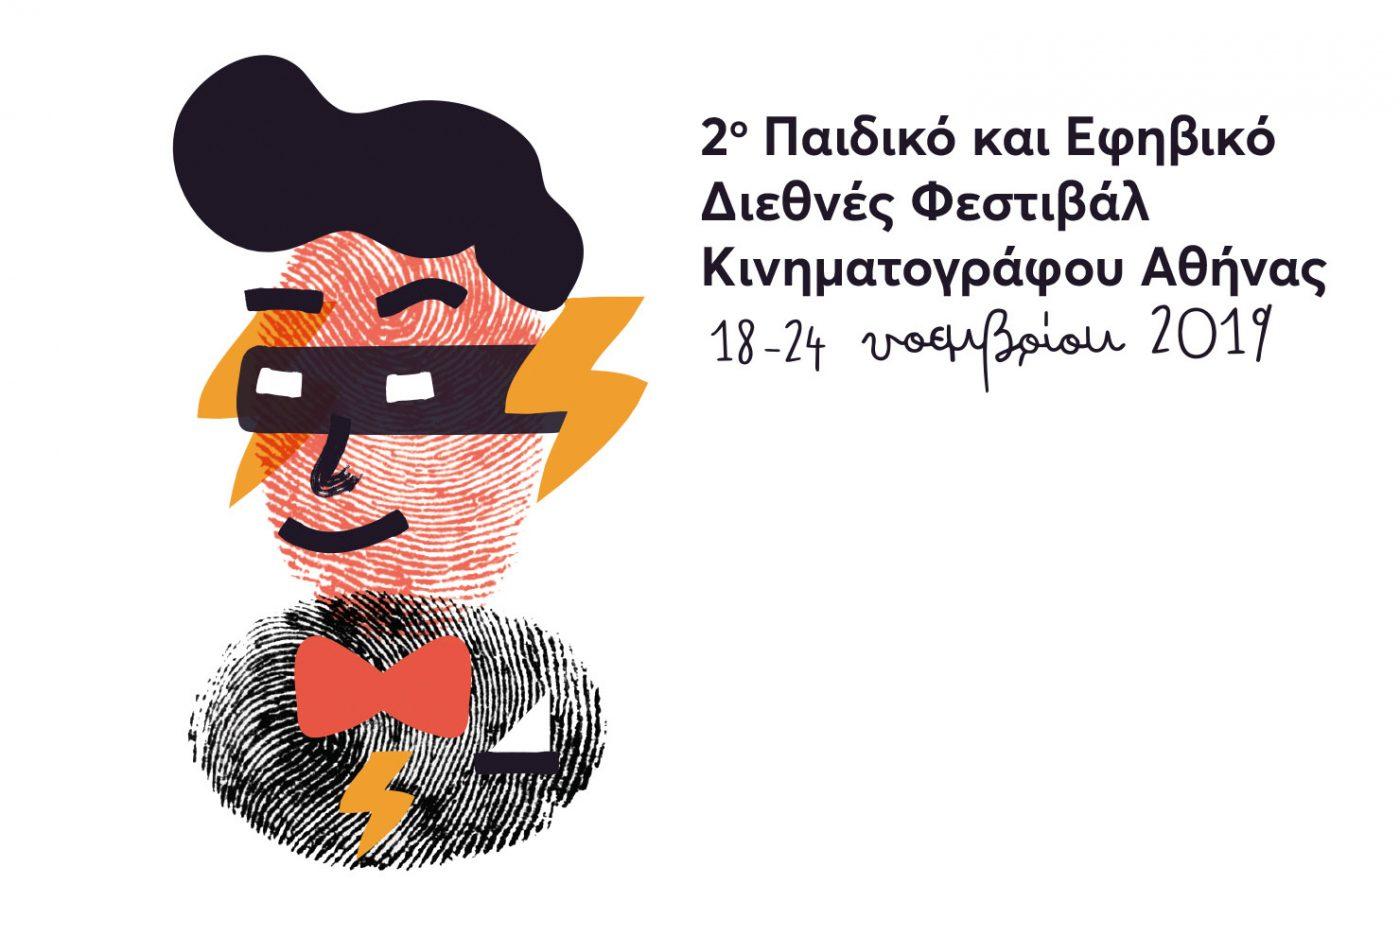 2ο Παιδικό & Εφηβικό Διεθνές Φεστιβάλ Κινηματογράφου Αθήνας